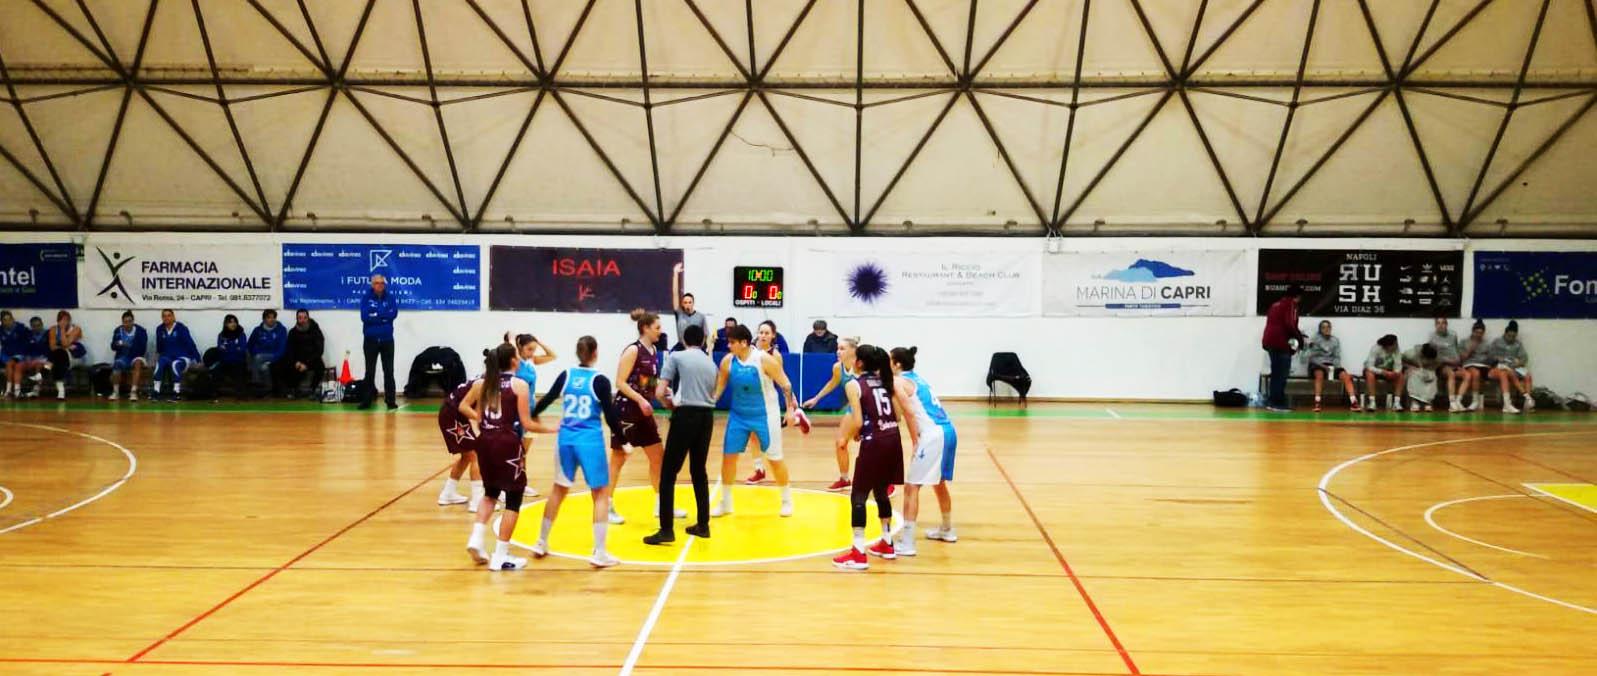 Vittoria Travolgente per L'Olimpia Capri in rosa 93-61 contro la Salerno Basket 92